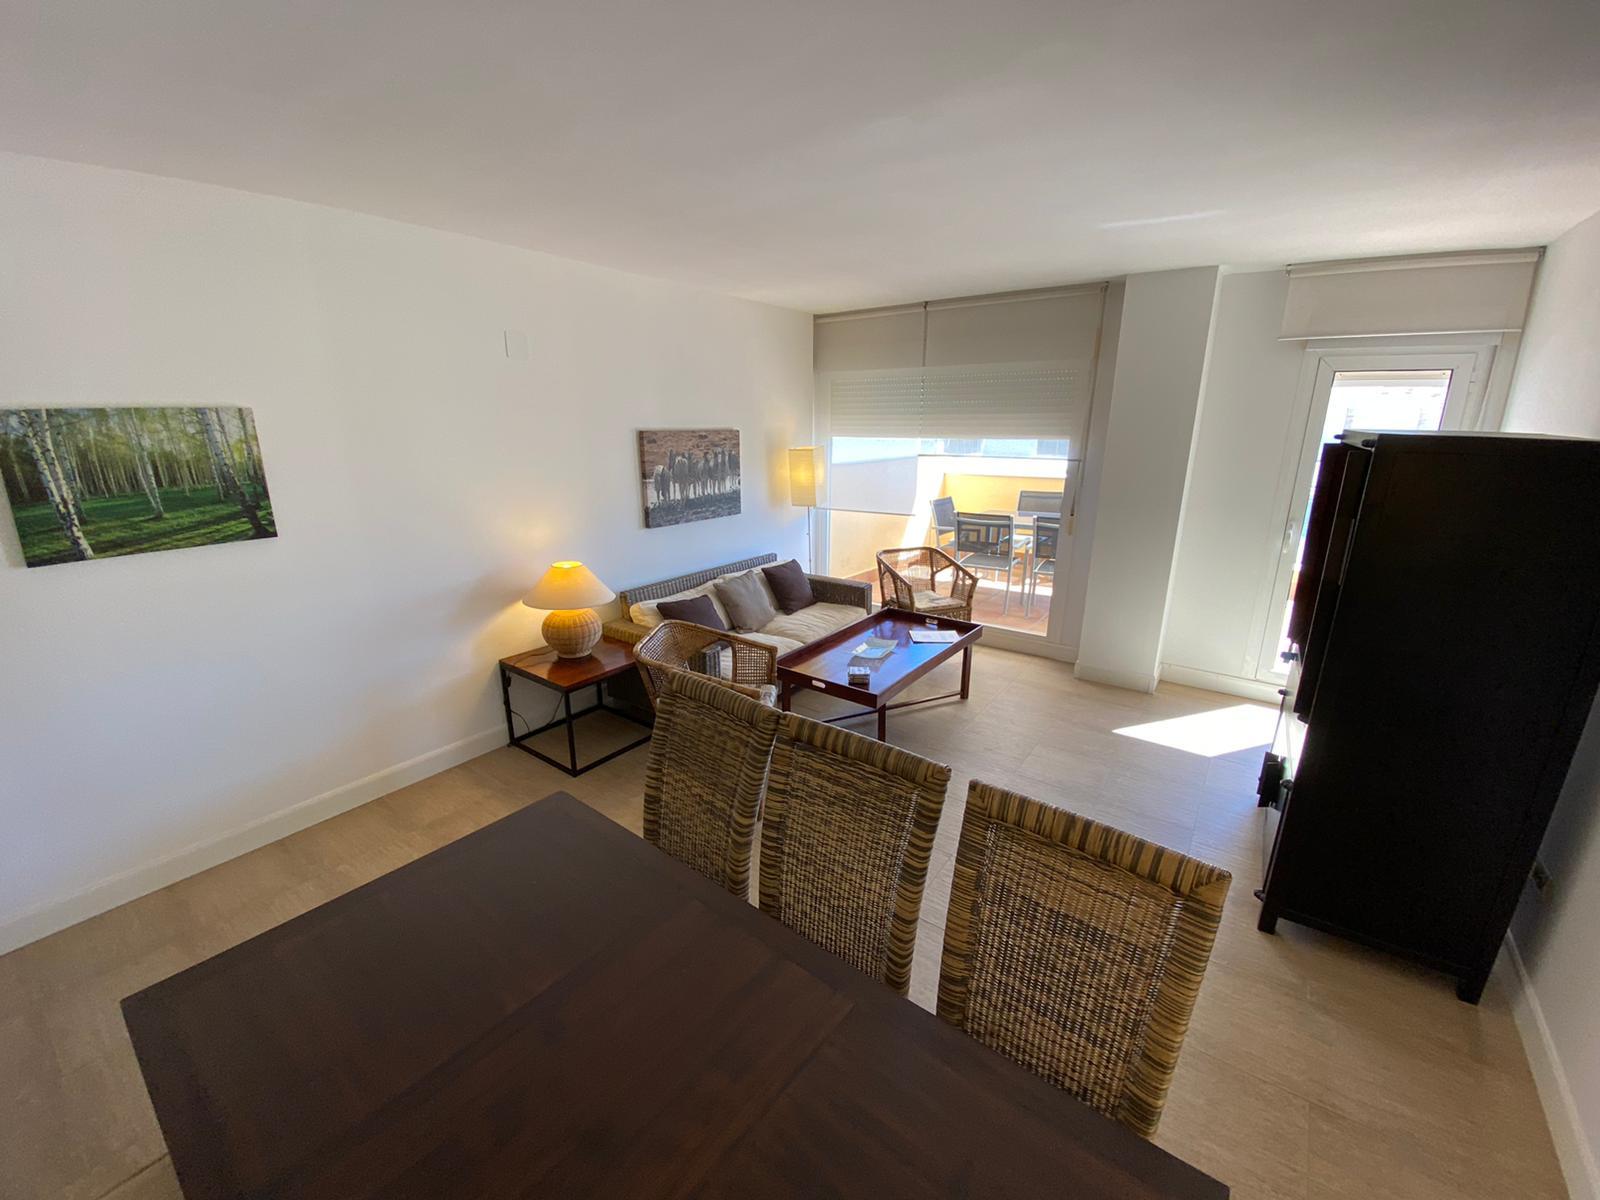 Imagen 5 del Apartamento Turístico, Ático 6 Poniente (3d+2b), Punta del Moral (HUELVA), Paseo de la Cruz nº22